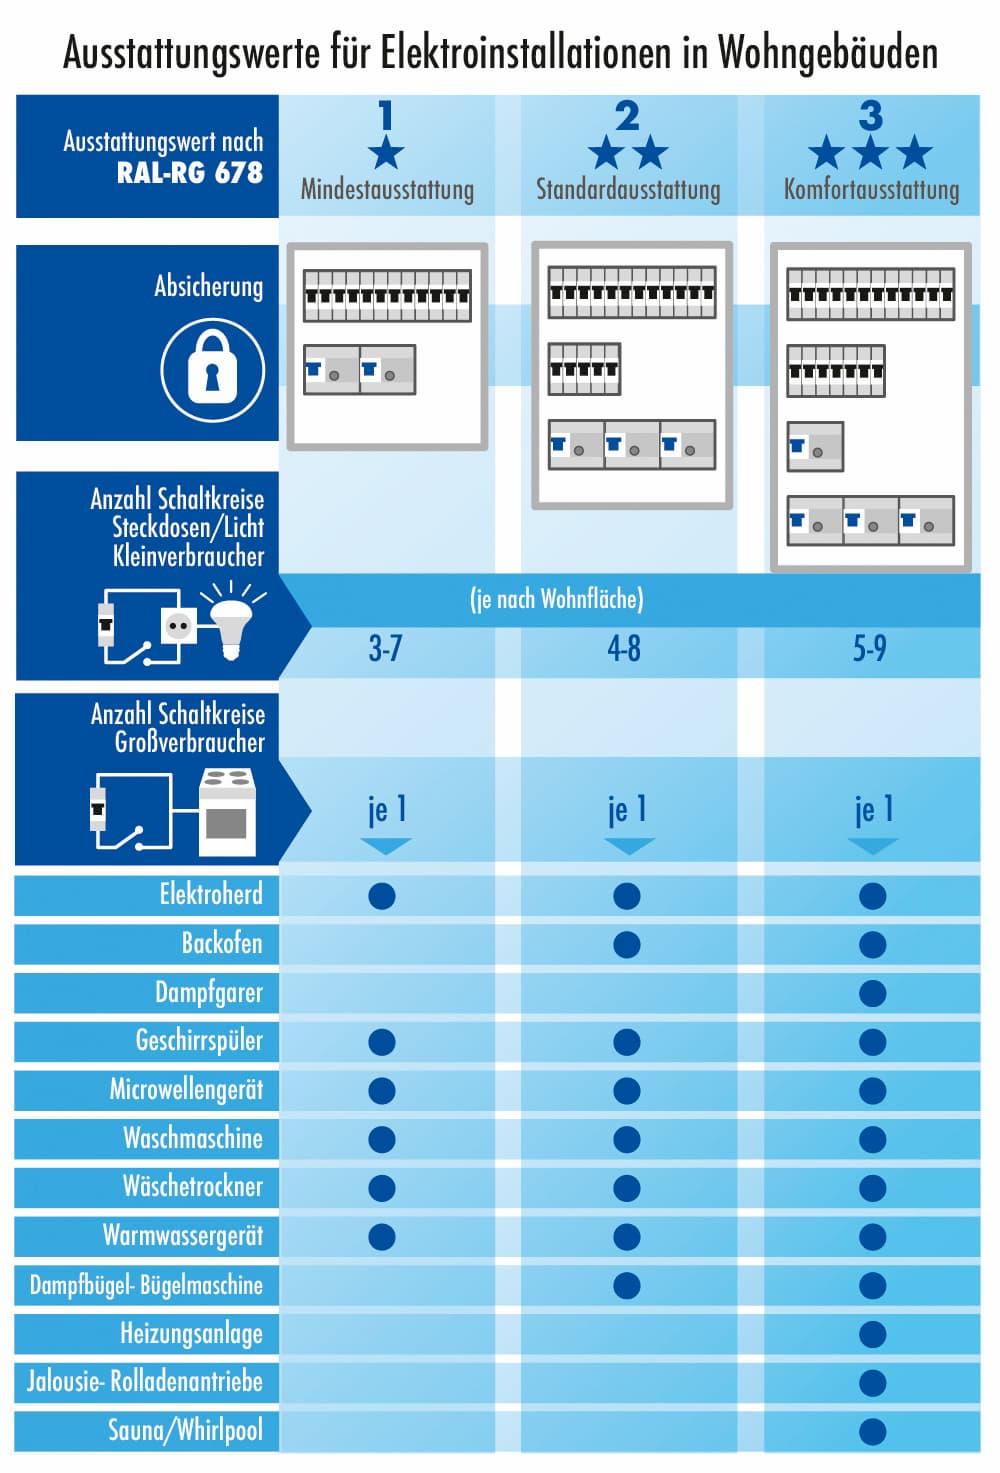 Elektroinstallation: Verschiedene Komfortausstattungen